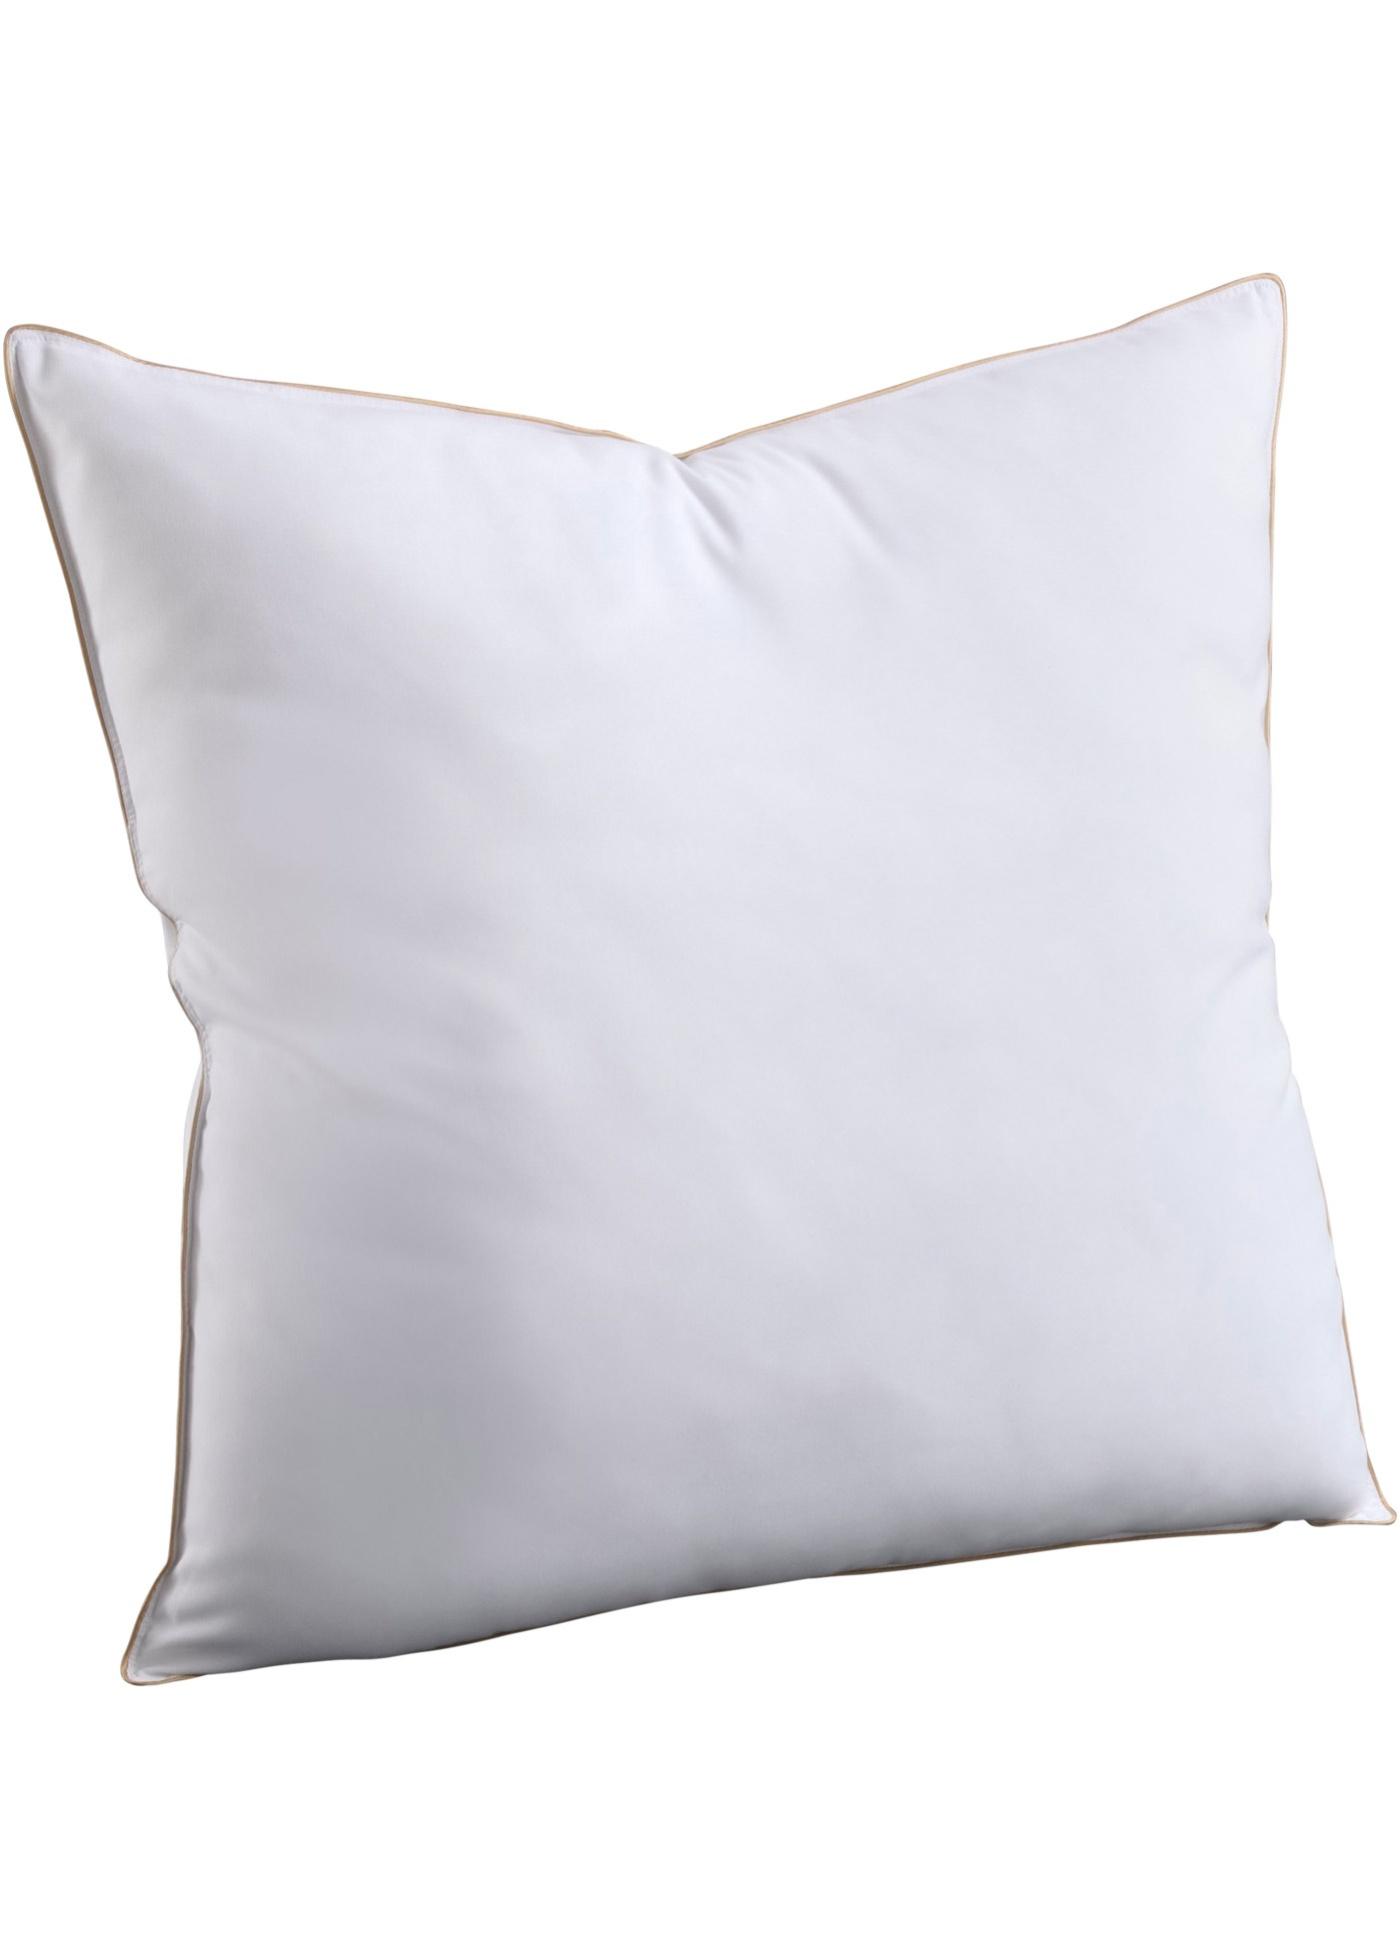 Cuscino effetto piumino rigido (Bianco) - bpc living bonprix collection